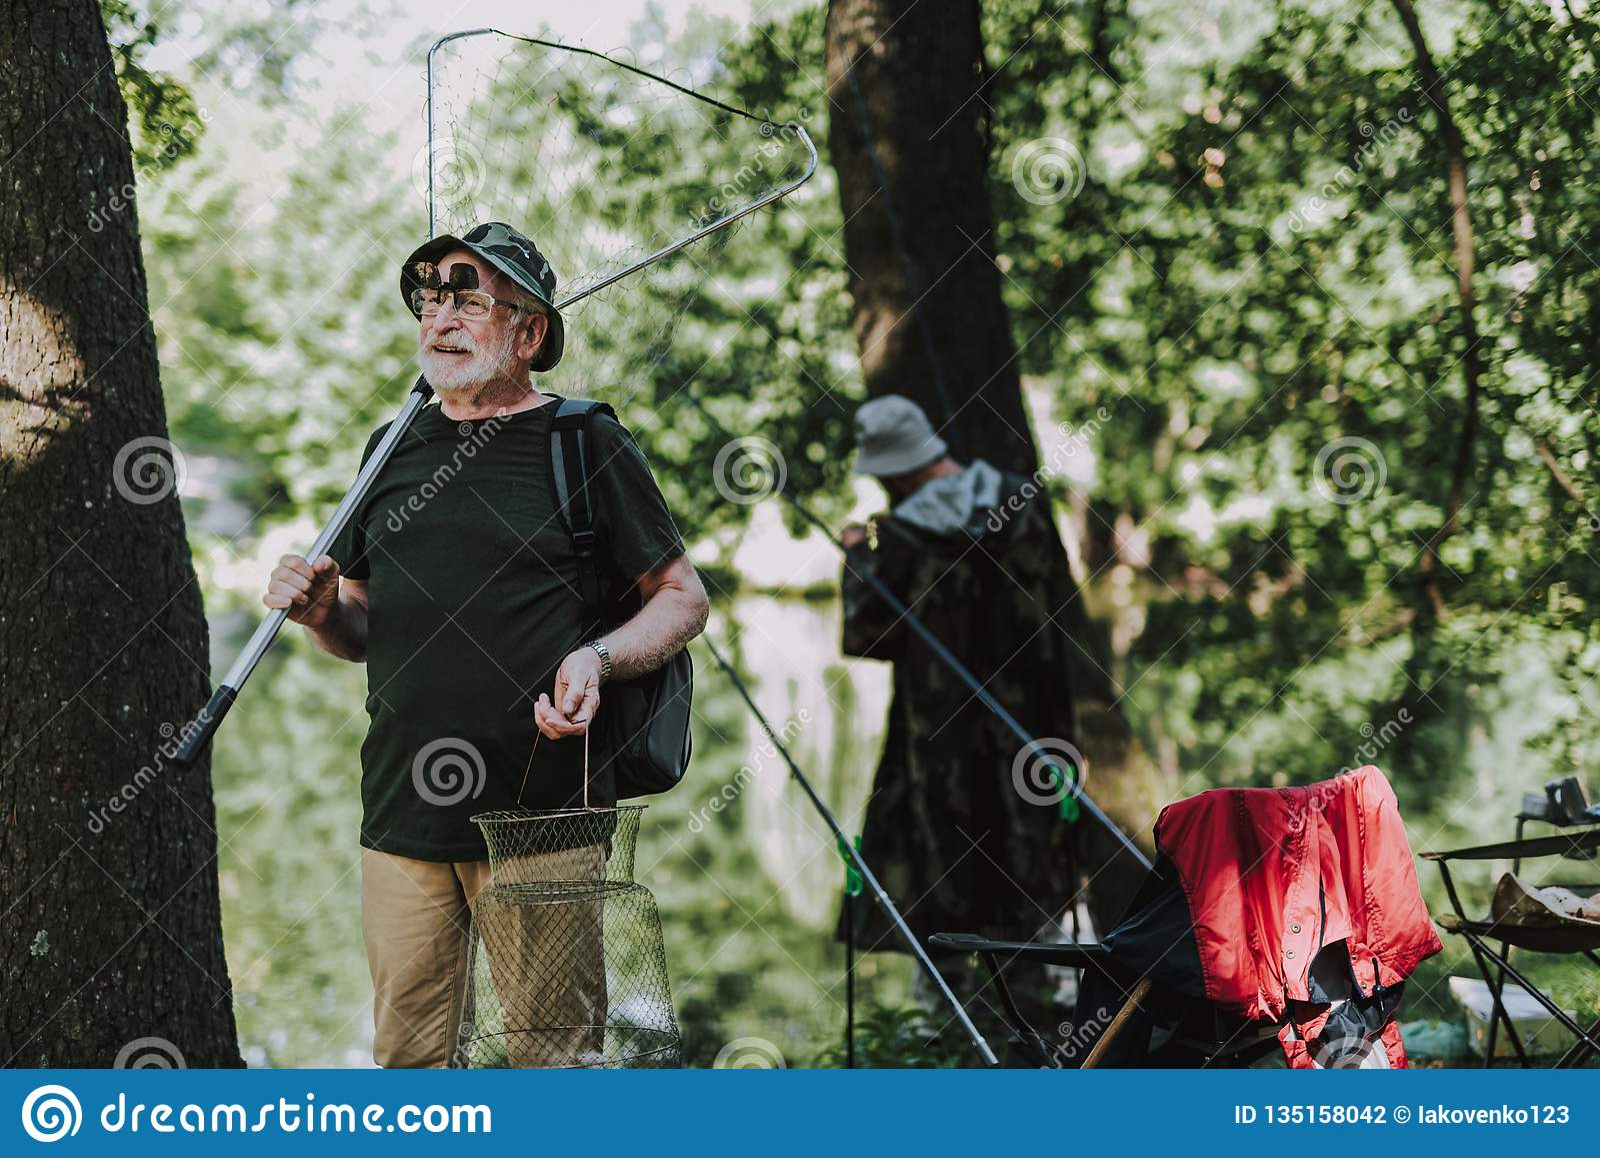 拿着专业捕鱼设备的正面男性渔夫